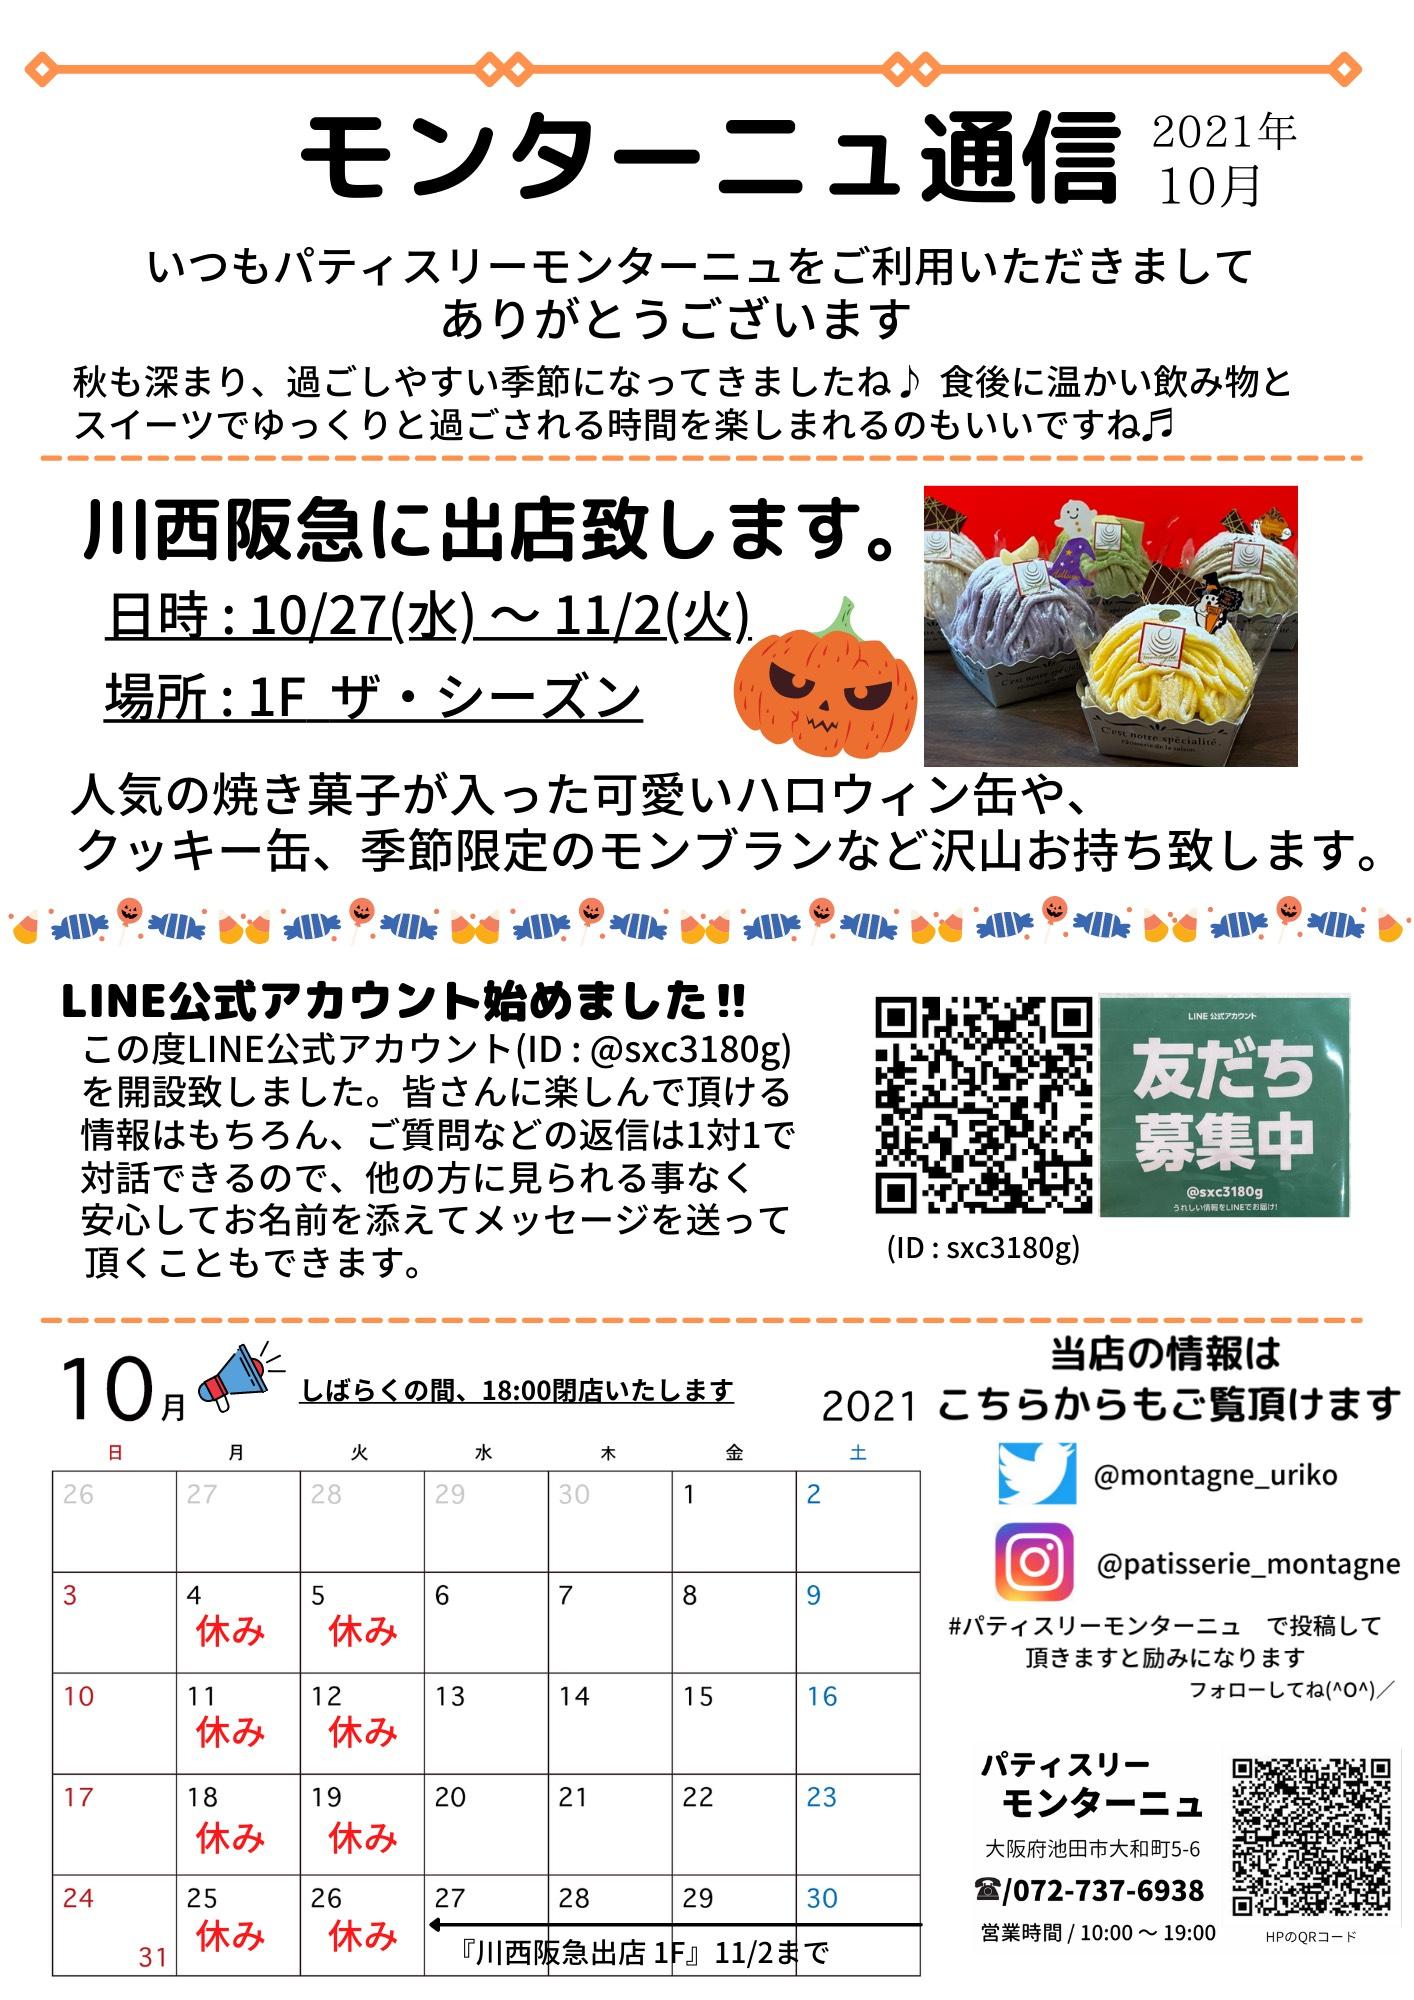 image_6483441 (10)